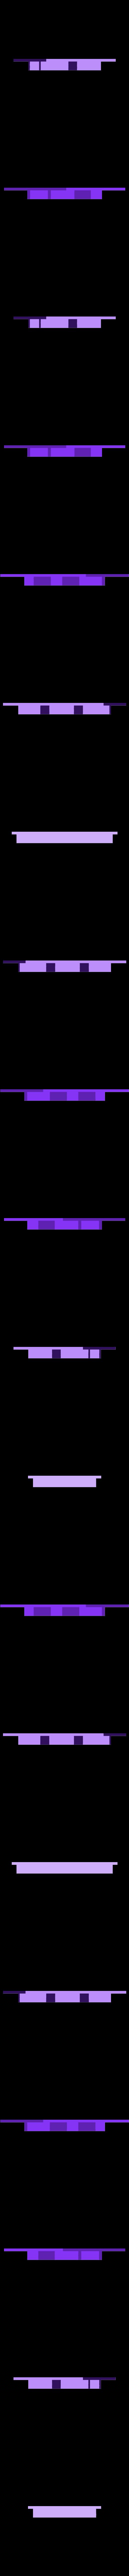 window.stl Télécharger fichier STL gratuit Dépôt de train à l'échelle 1:87 HO avec table tournante • Plan pour imprimante 3D, nenchev